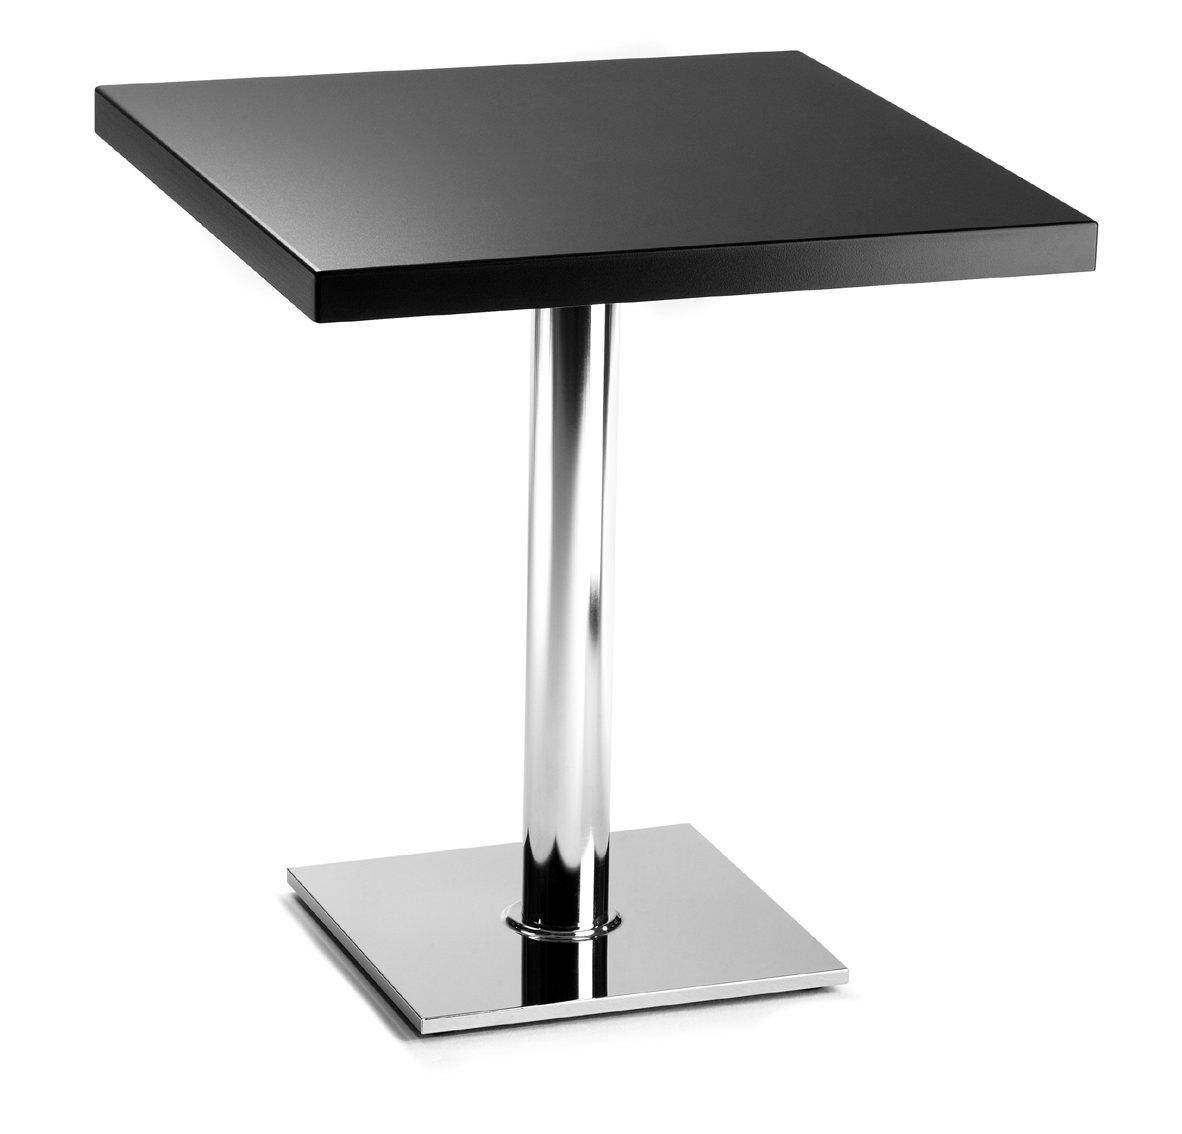 Moderner und preiswerter bistrotisch bt 3020 schwarze for Bistrotisch design